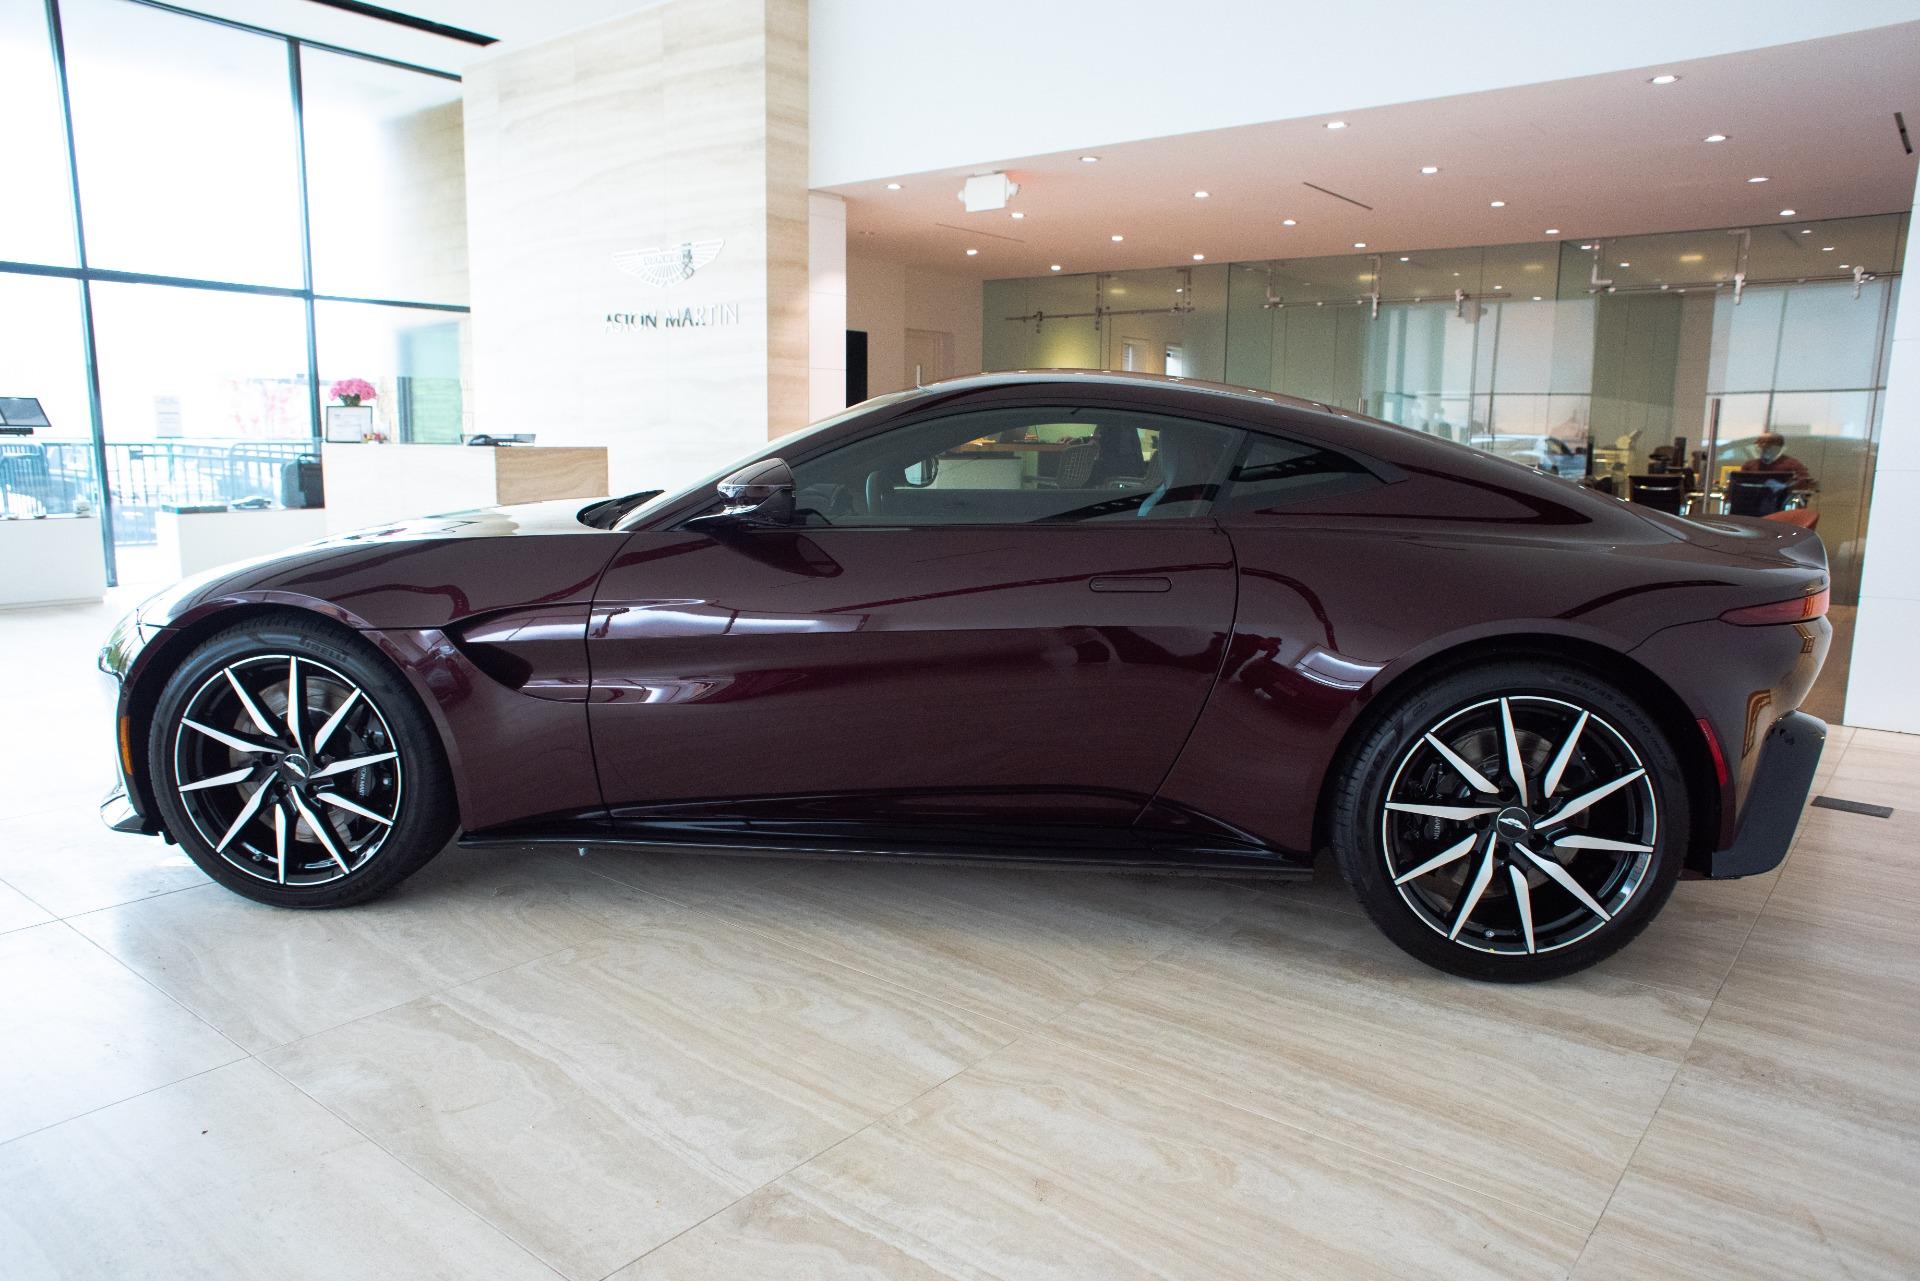 2019 Aston Martin Vantage Stock 9n01350 For Sale Near Vienna Va Va Aston Martin Dealer